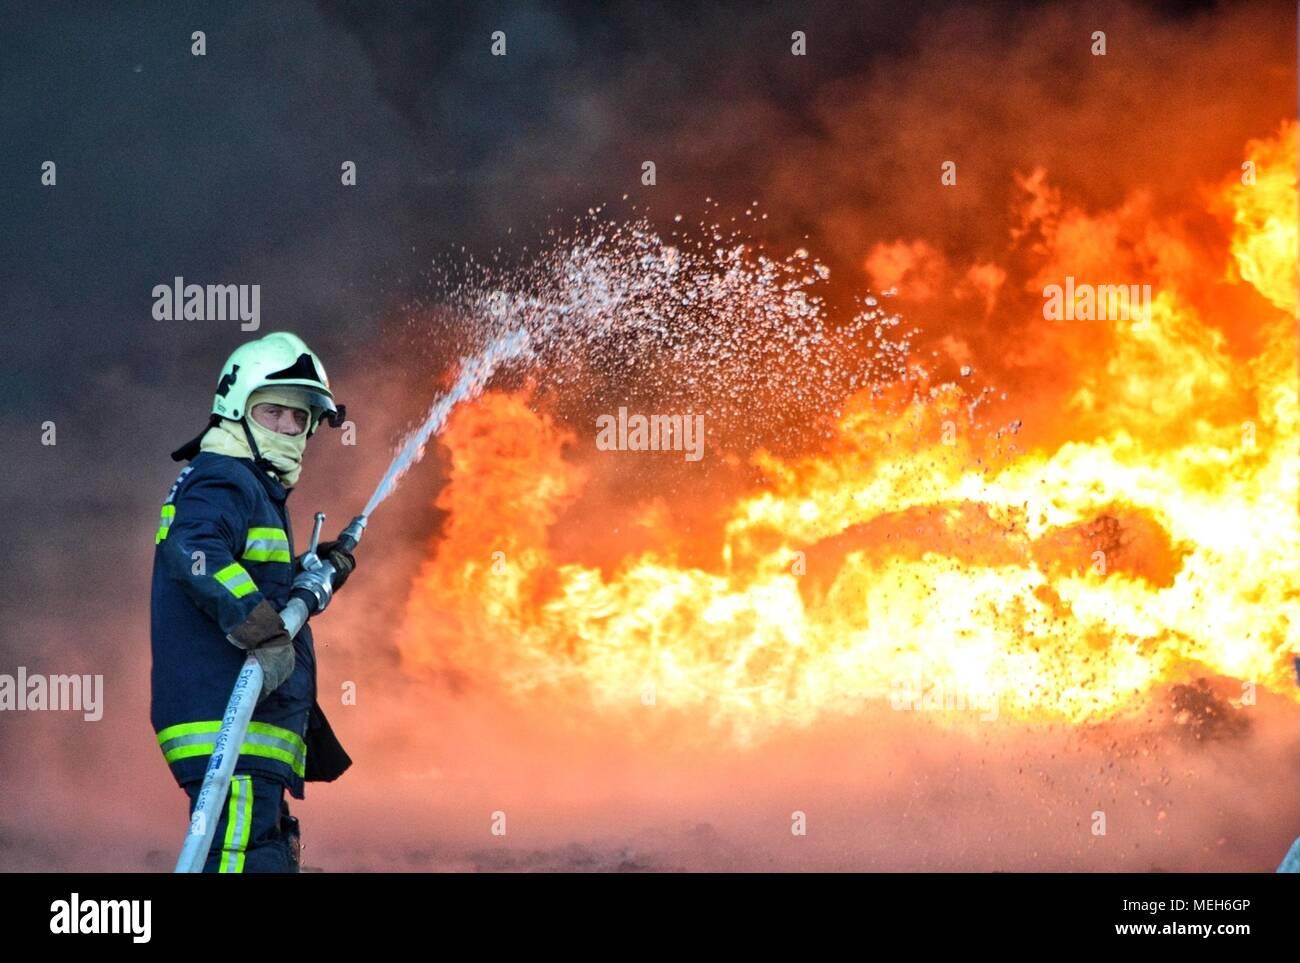 Firefighter combattendo con incendio, rescue cercando di reversibilità. Enormi fiamme bruciato una società di riciclaggio a Tirana, pompiere estinzione di Blaze Foto Stock